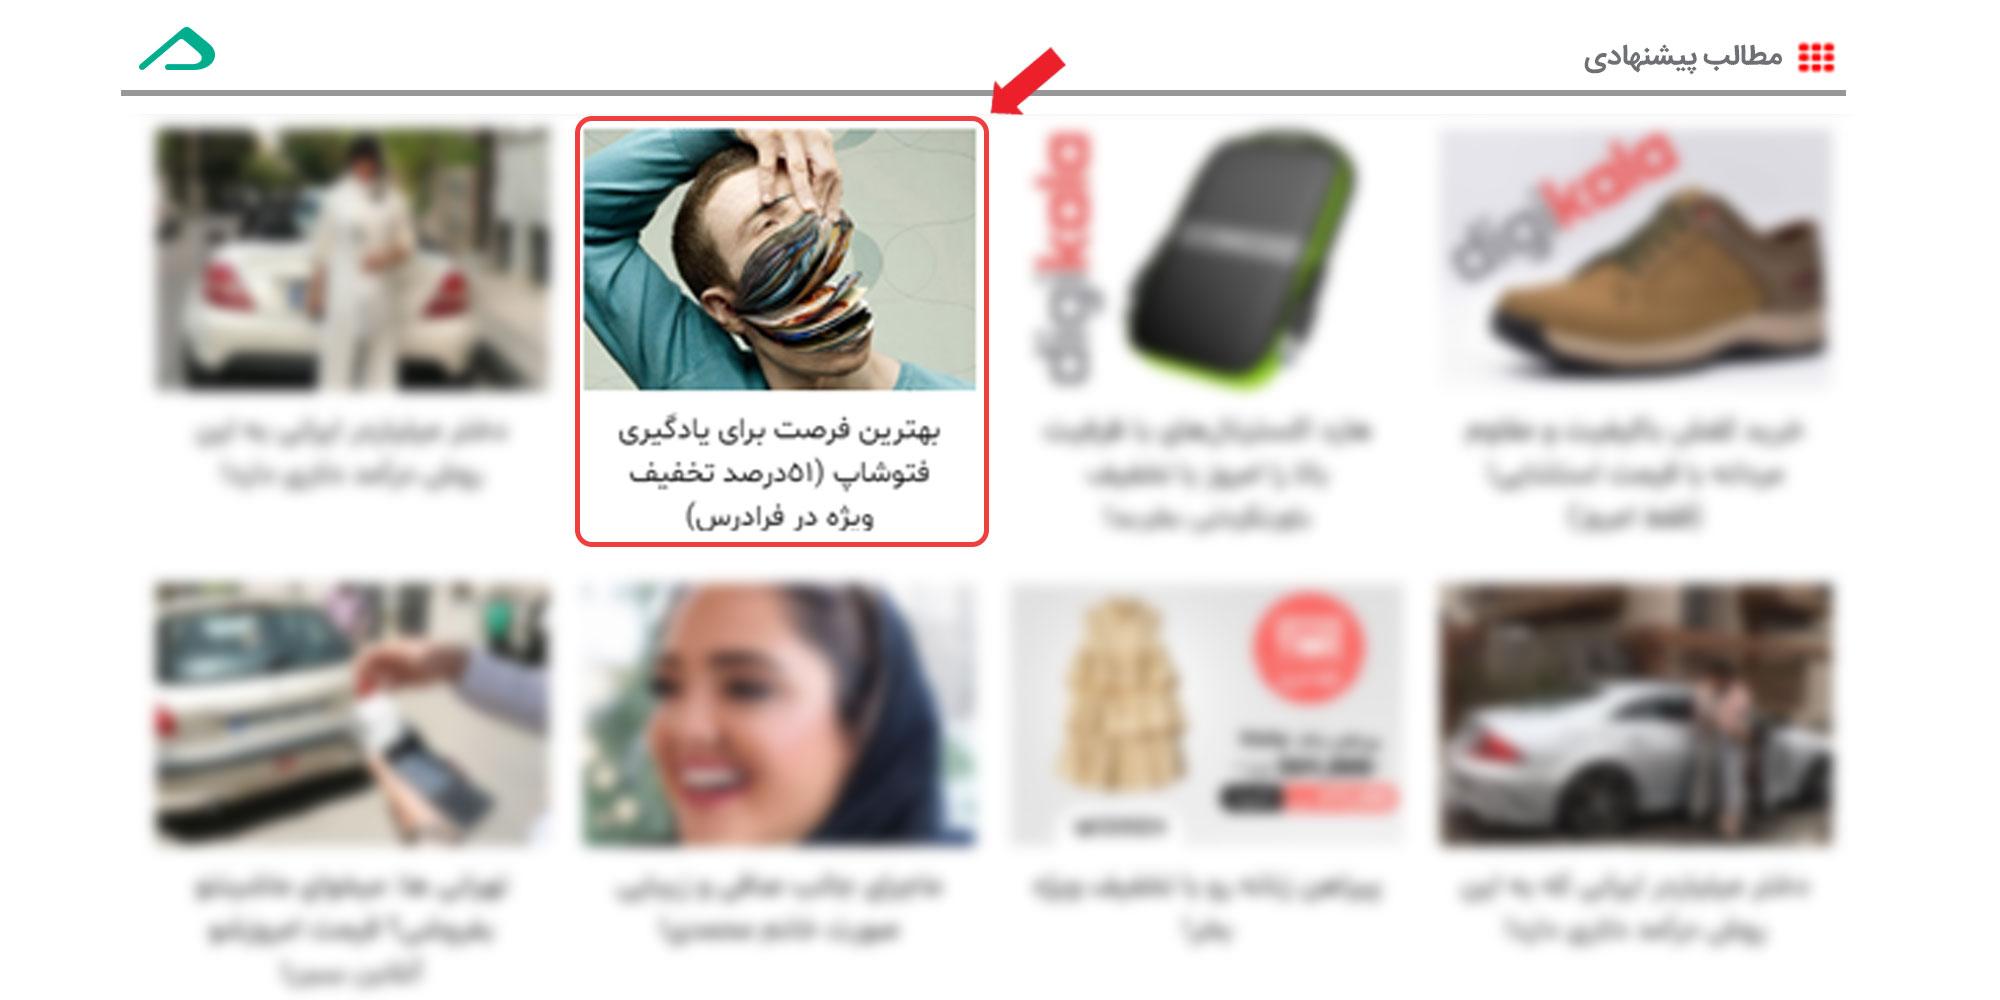 تبلیغات آنلاین در نوروز